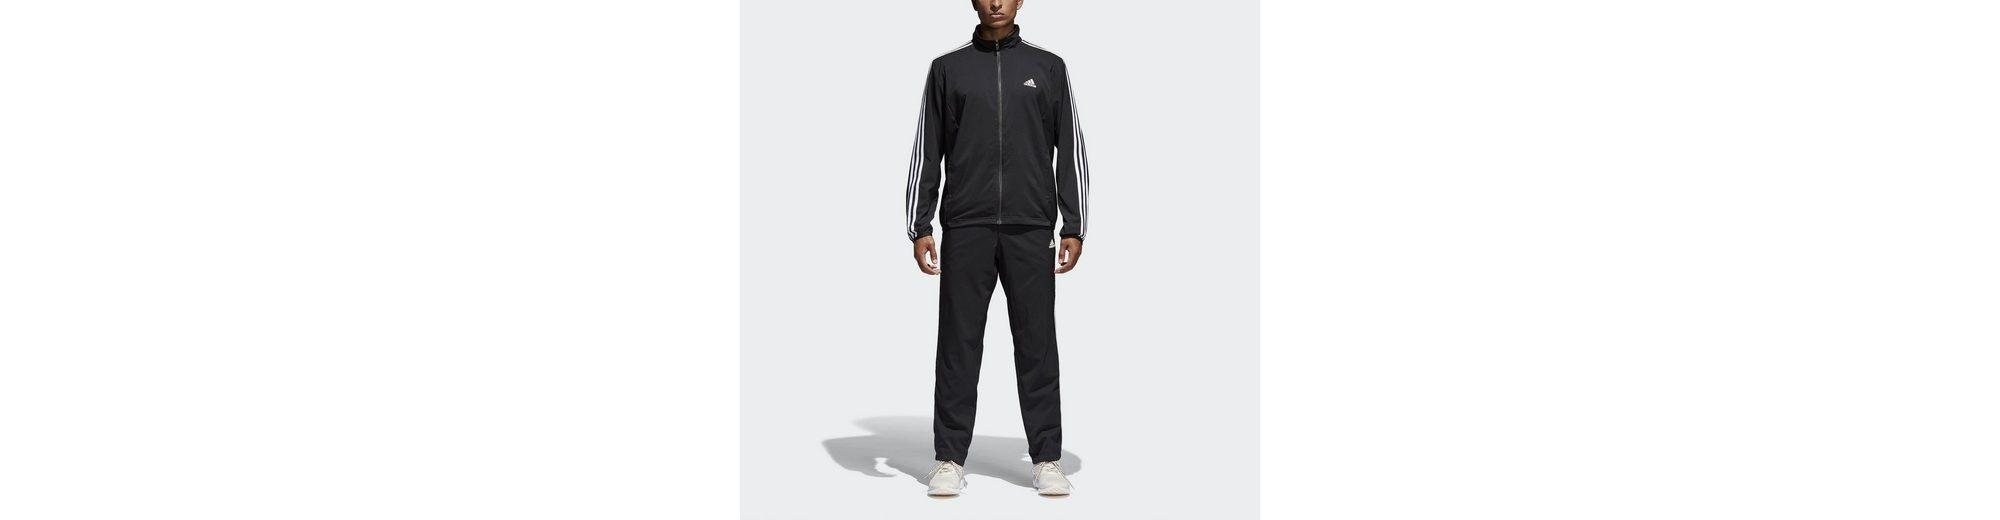 adidas Performance Trainingsanzug Light Trainingsanzug Authentisch Zu Verkaufen Schnelle Lieferung Zu Verkaufen Offizielle Seite UAeLGafHL